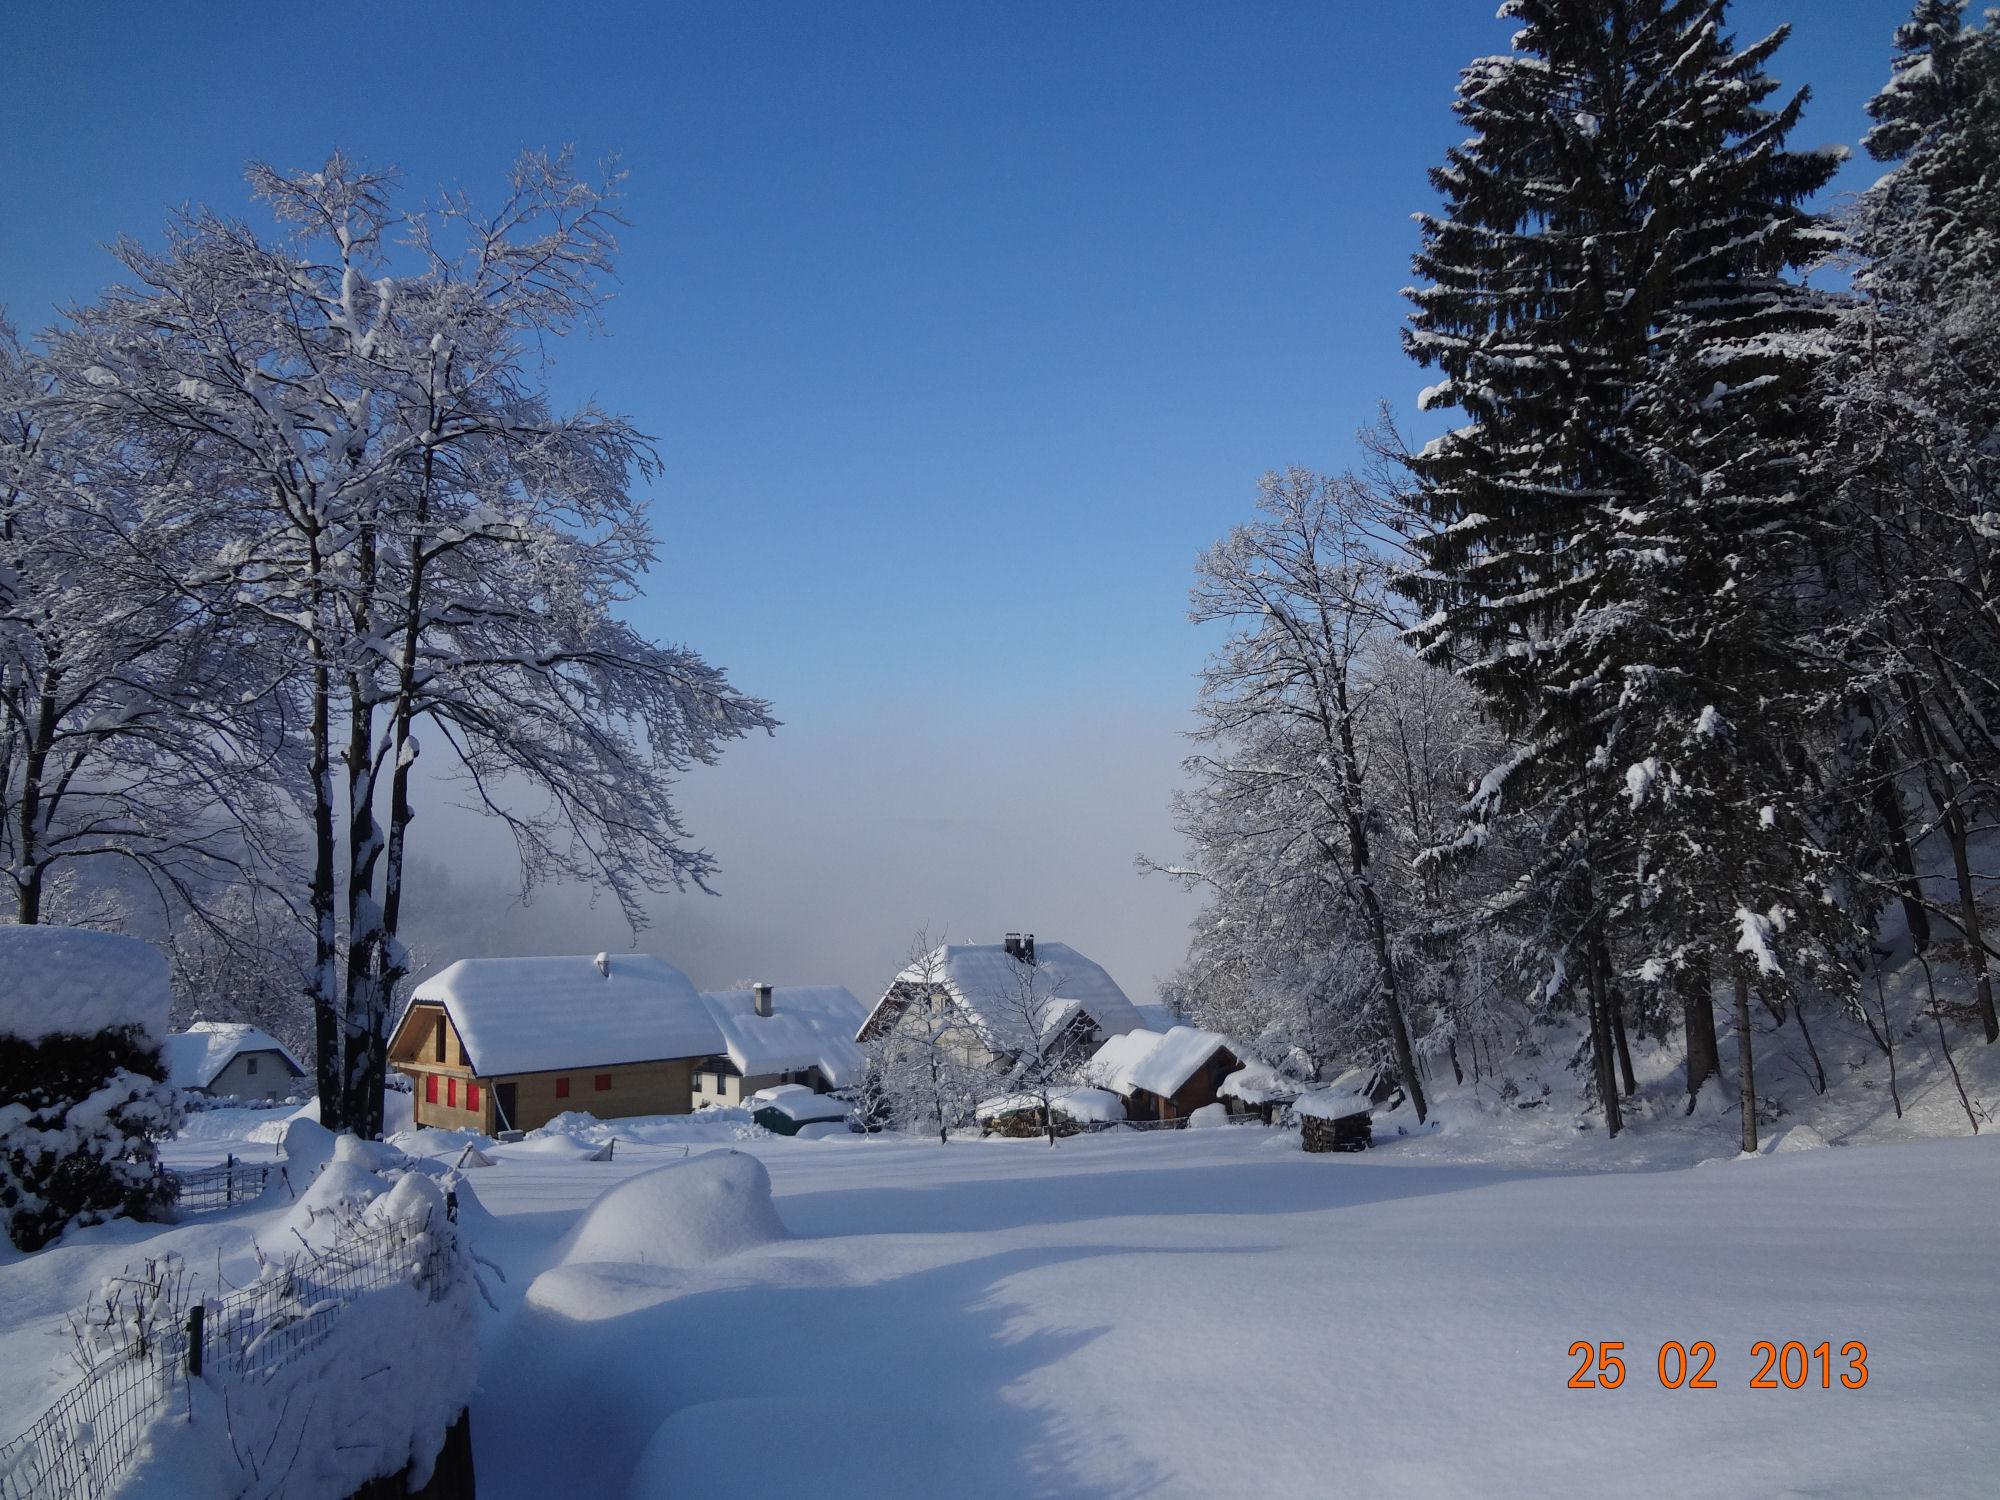 Wintertime in Gorenjska, Slovenia